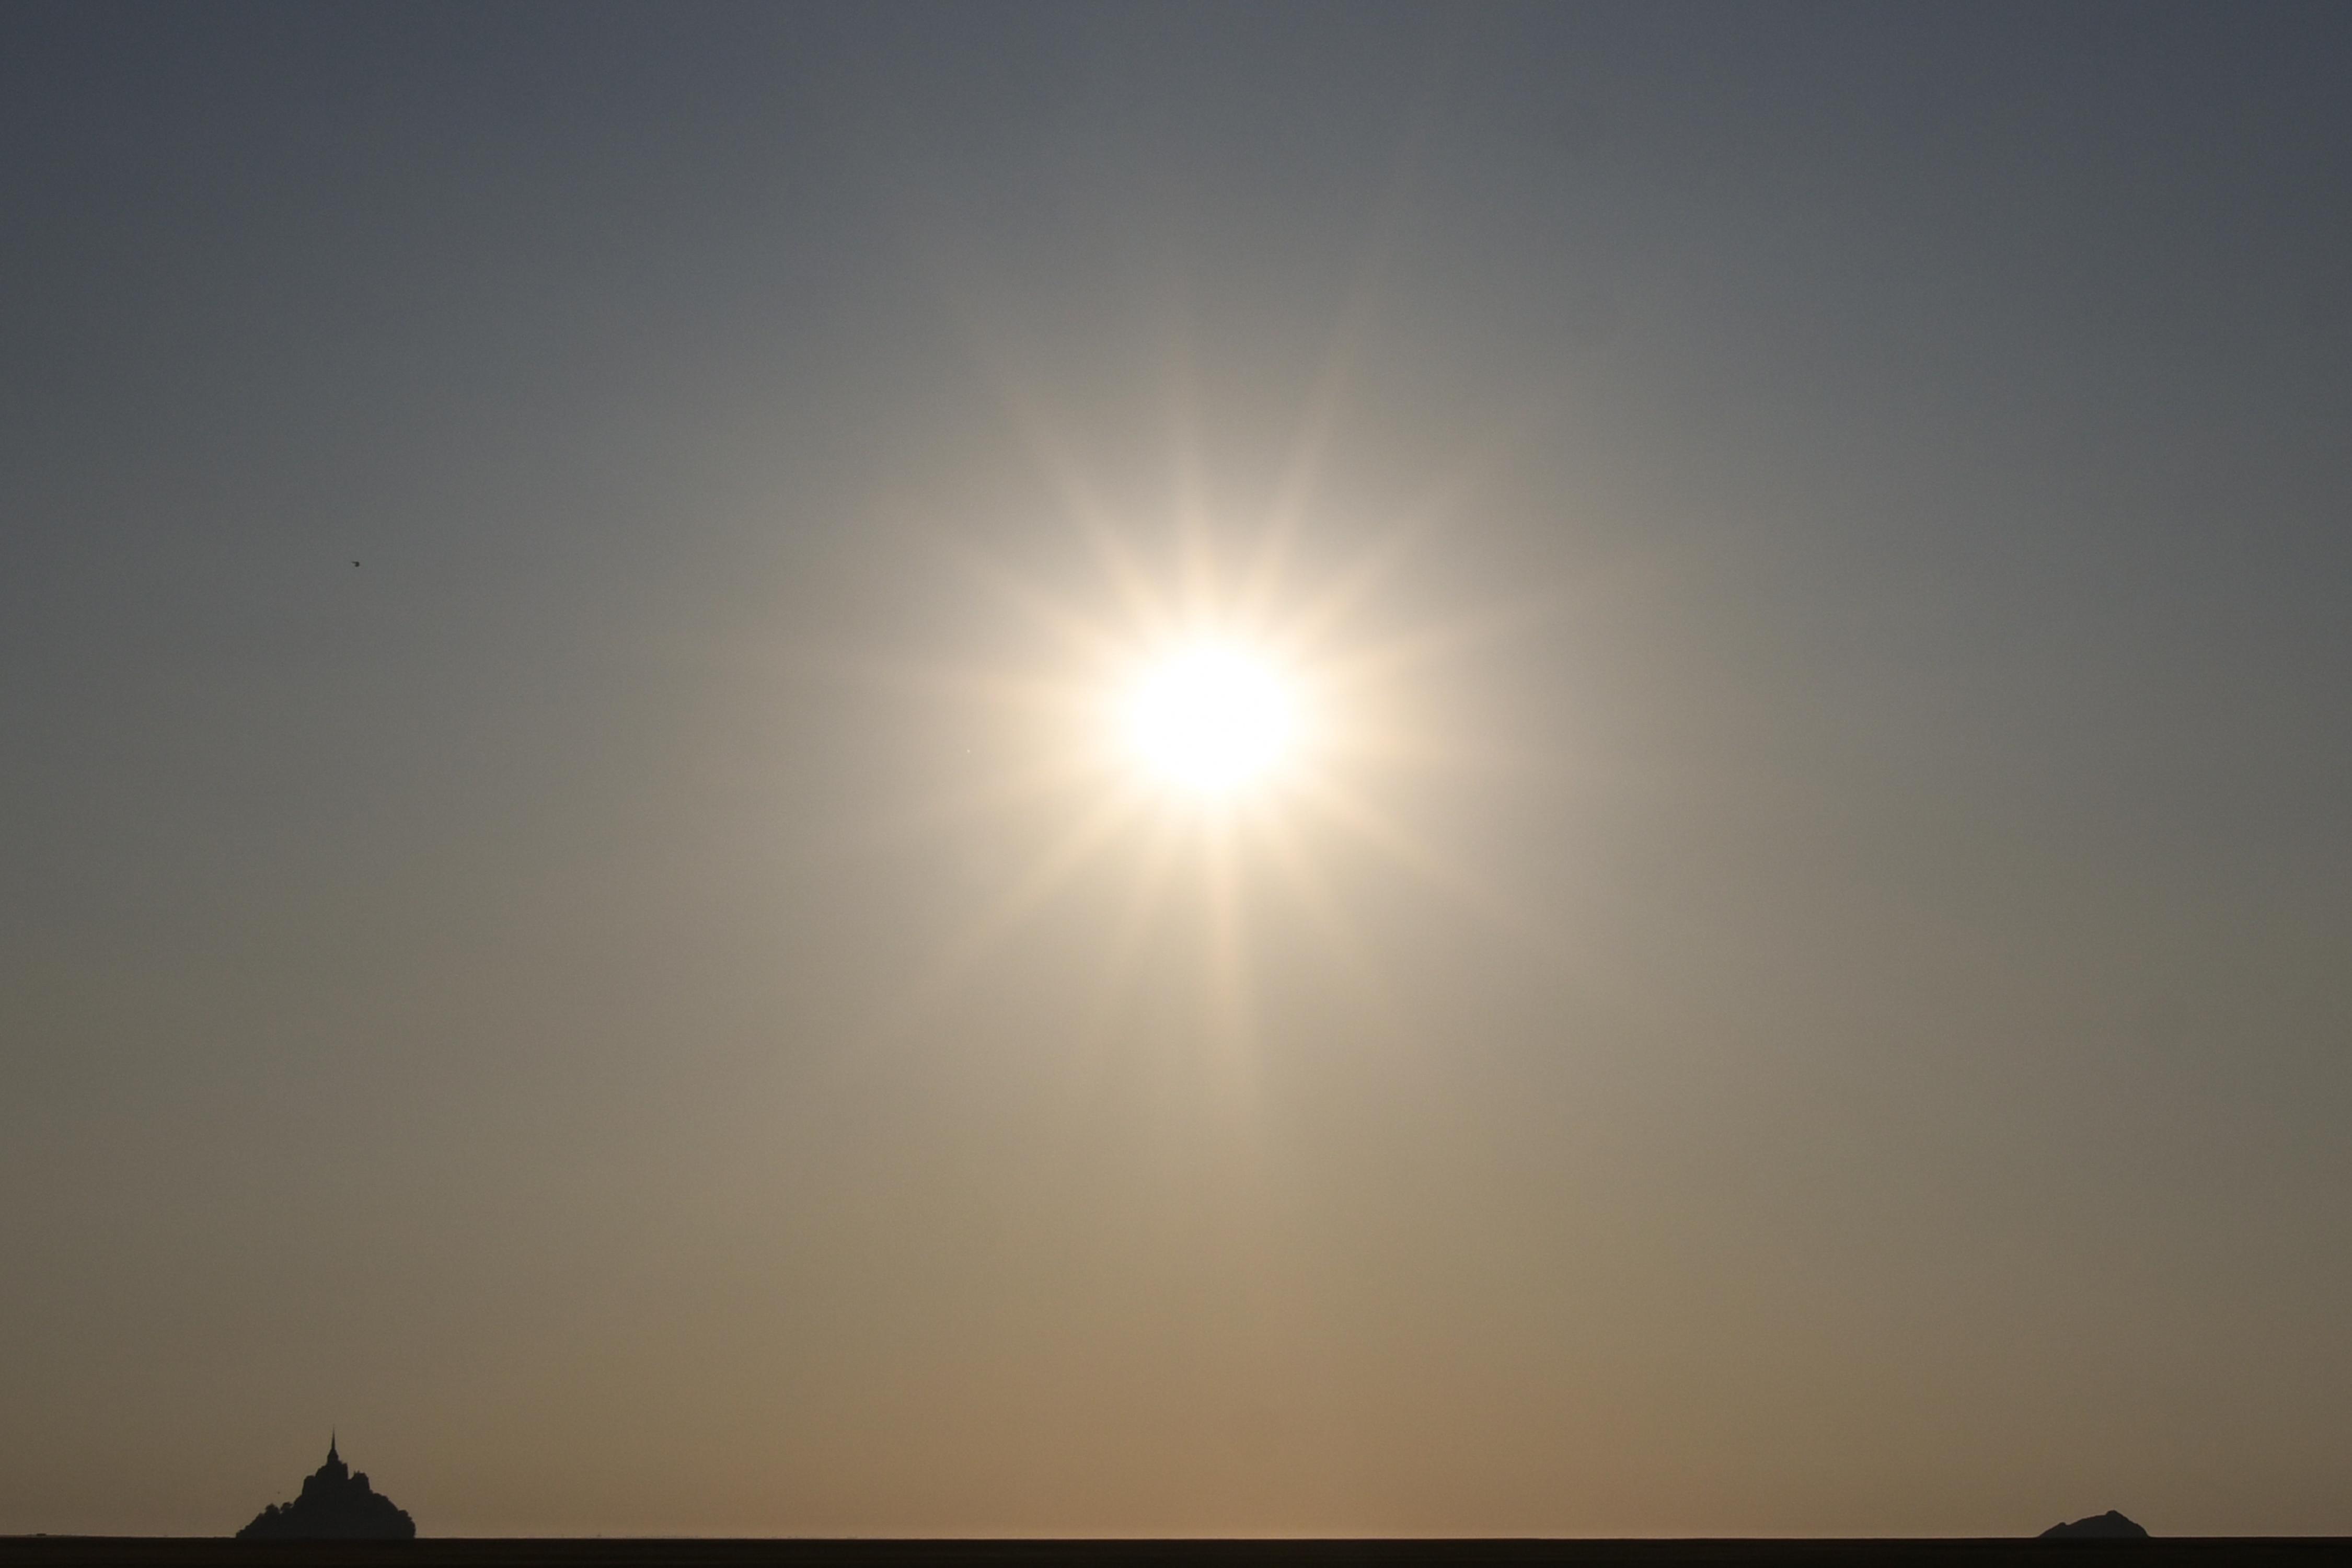 Európa a nyár második nagy hőhullámával küzd